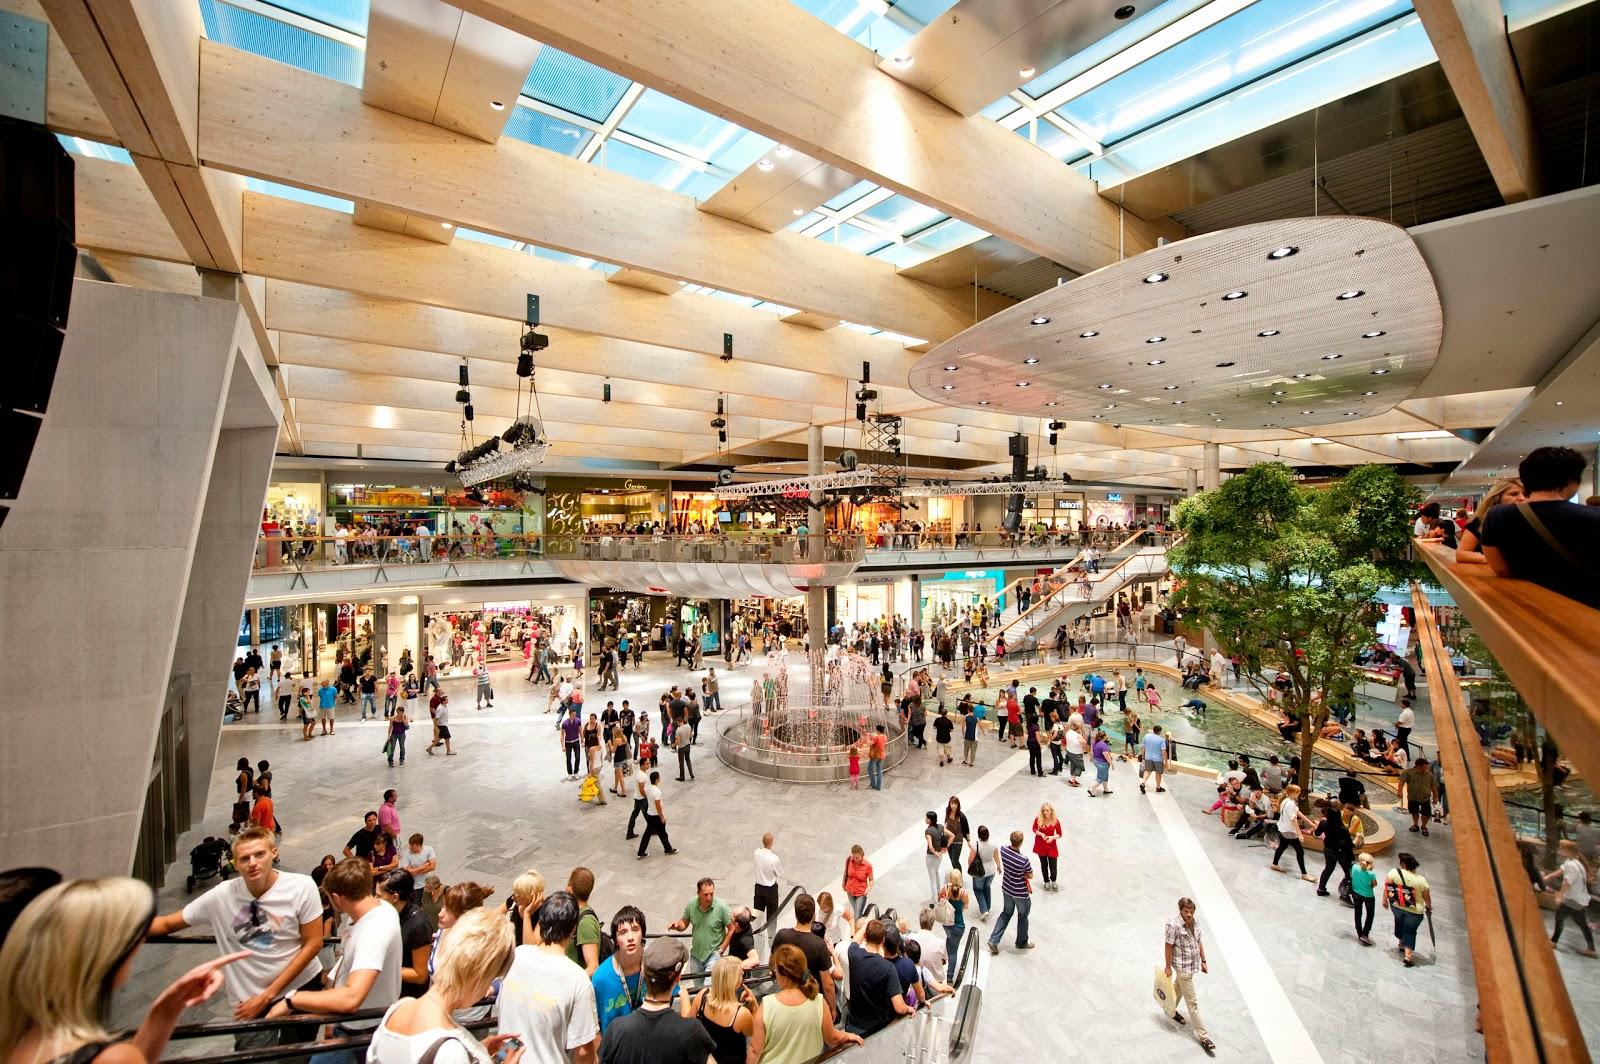 O Shopping Center do Litoral Alentejano e do Terminal Rodoviário em na cidade de Sines Vollwandtraeger_Varena_04